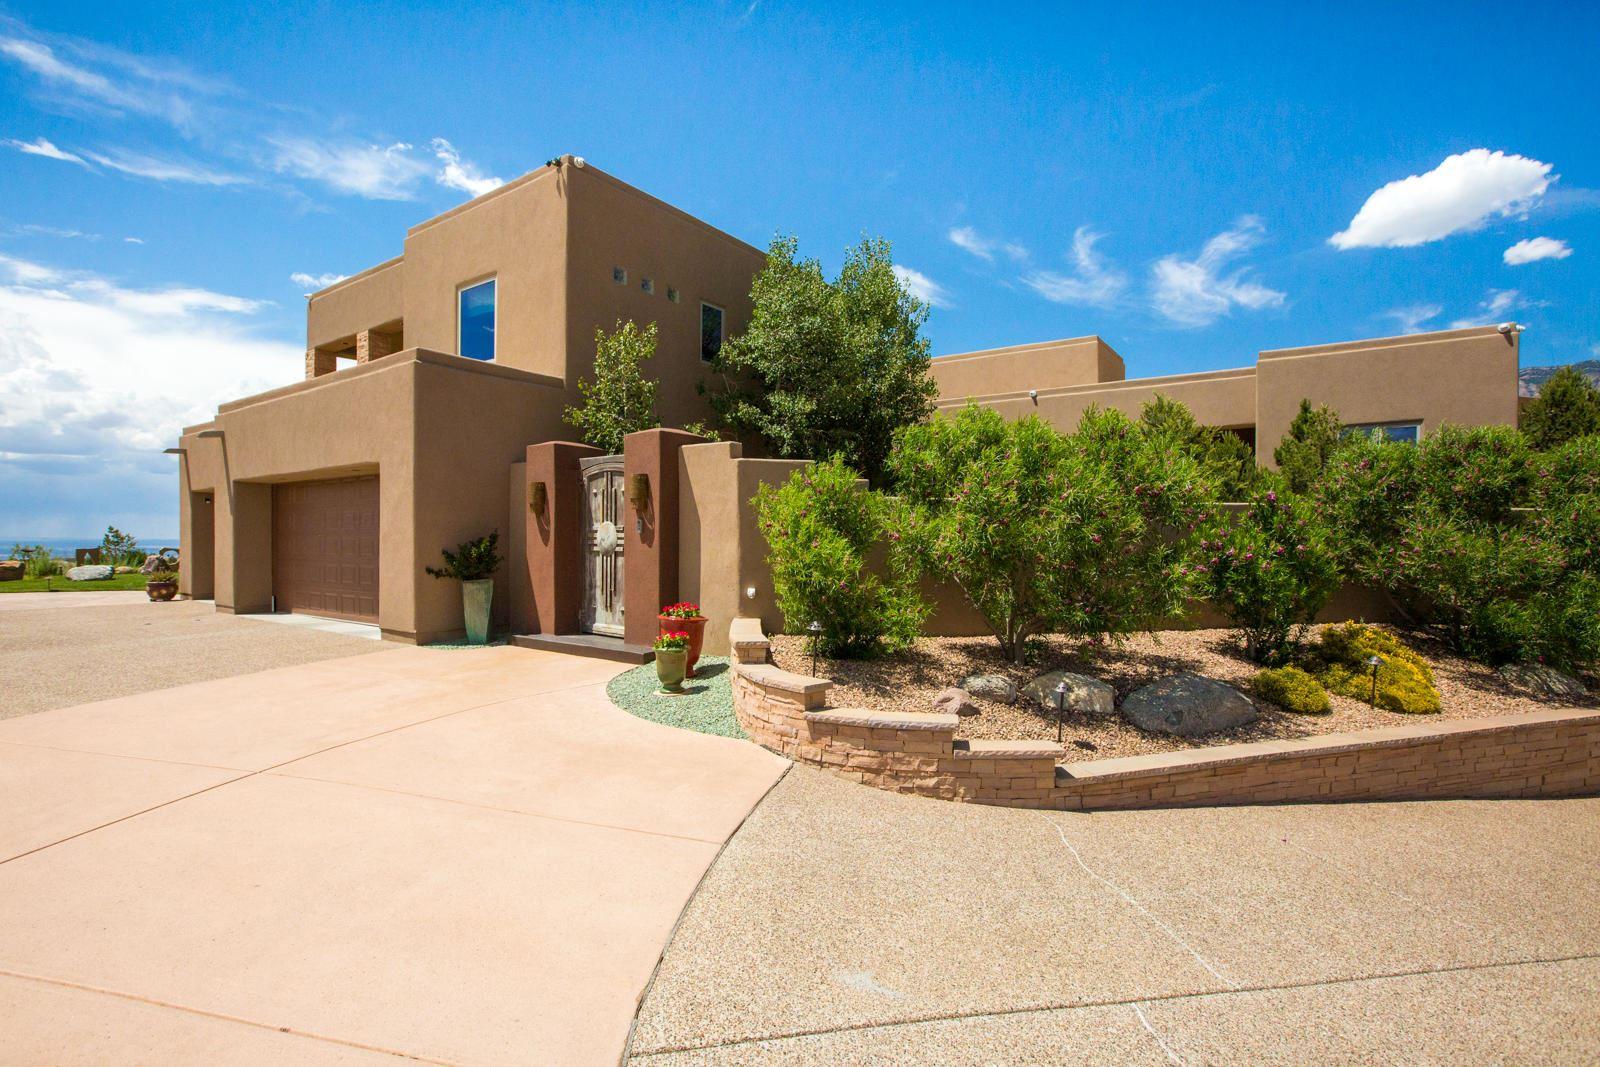 13405 LA ARISTA Place NE, Albuquerque, NM 87111 - #: 990332